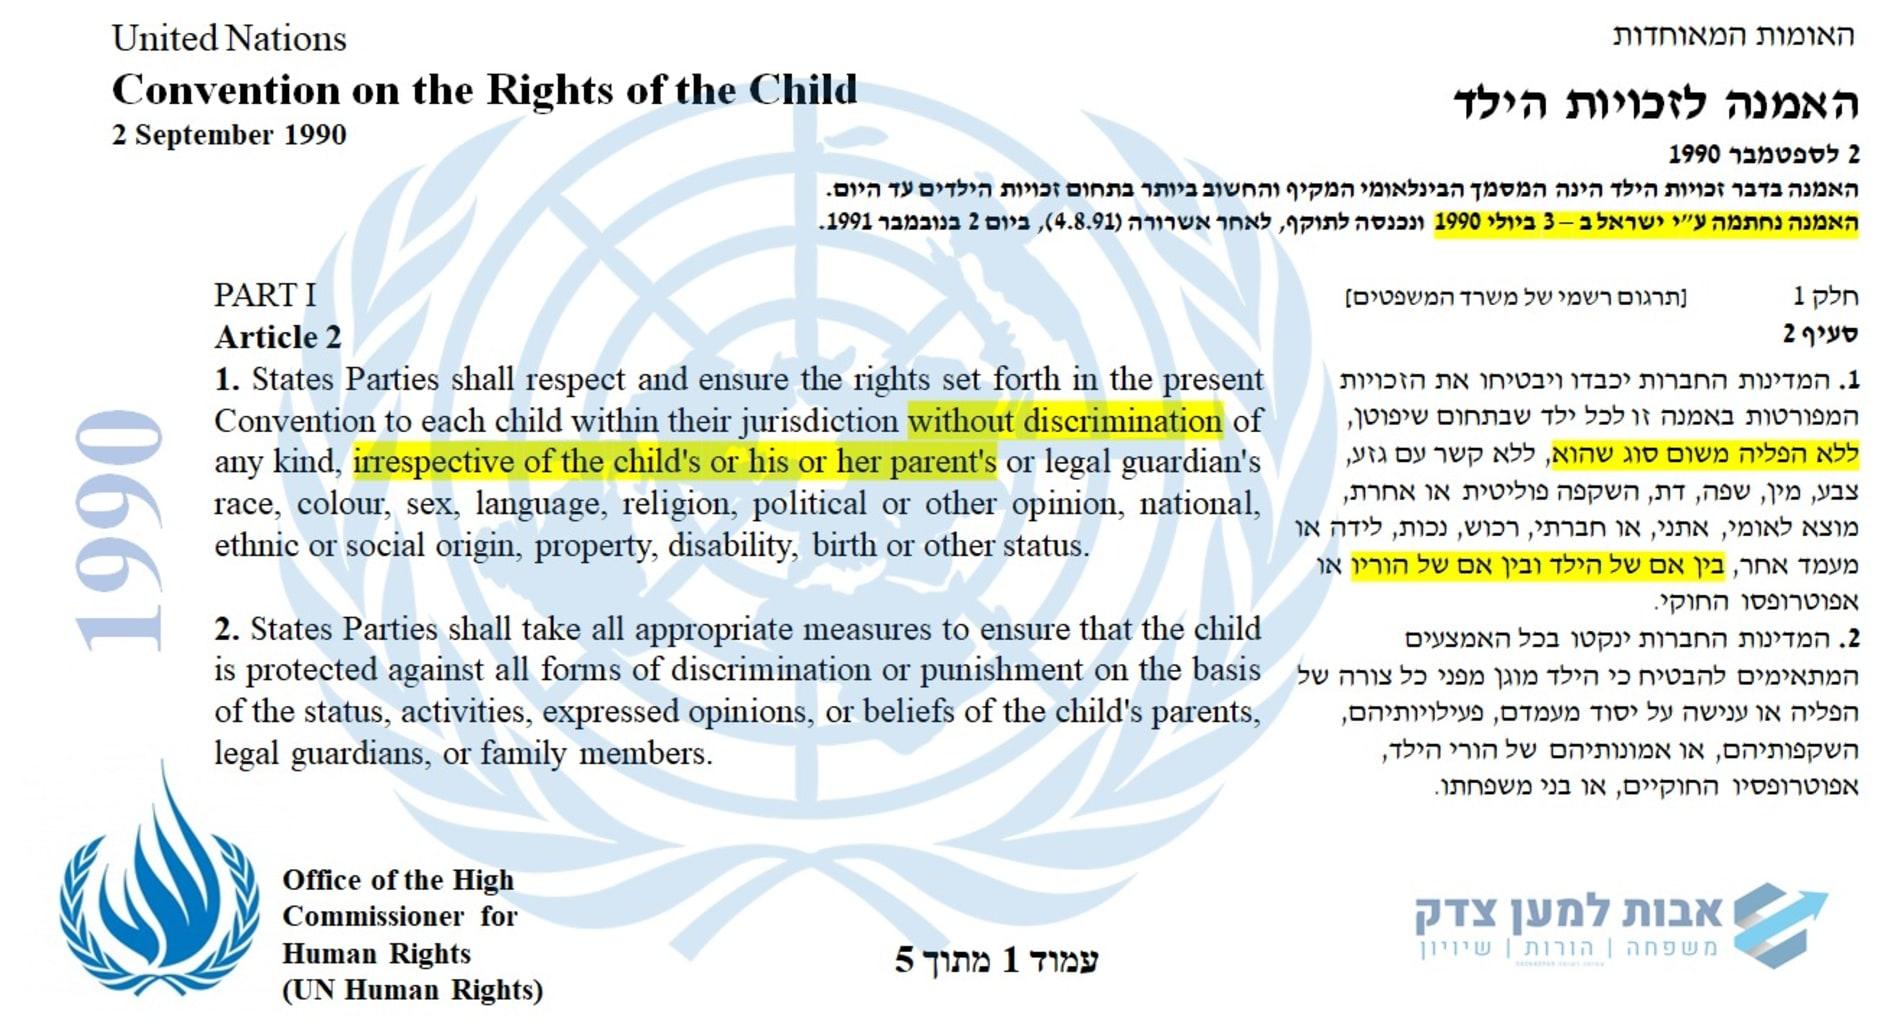 האמנה לזכויות הילד (2 לספטמבר 1990)